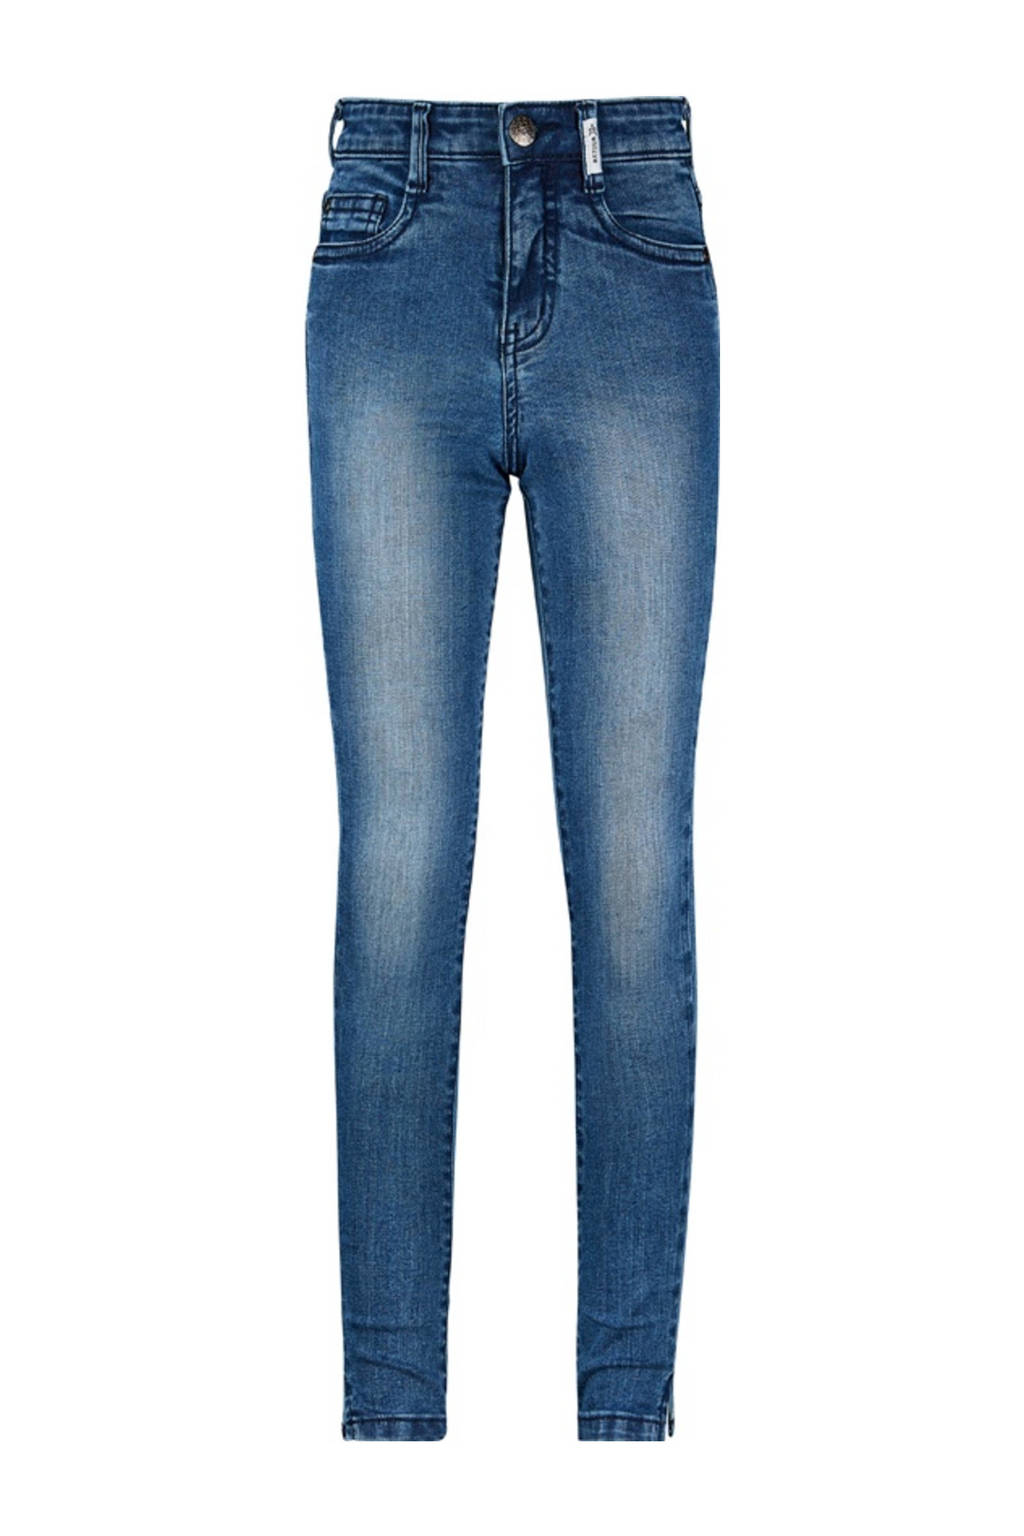 Retour Denim skinny jeans Brianna medium blue denim, Medium blue denim